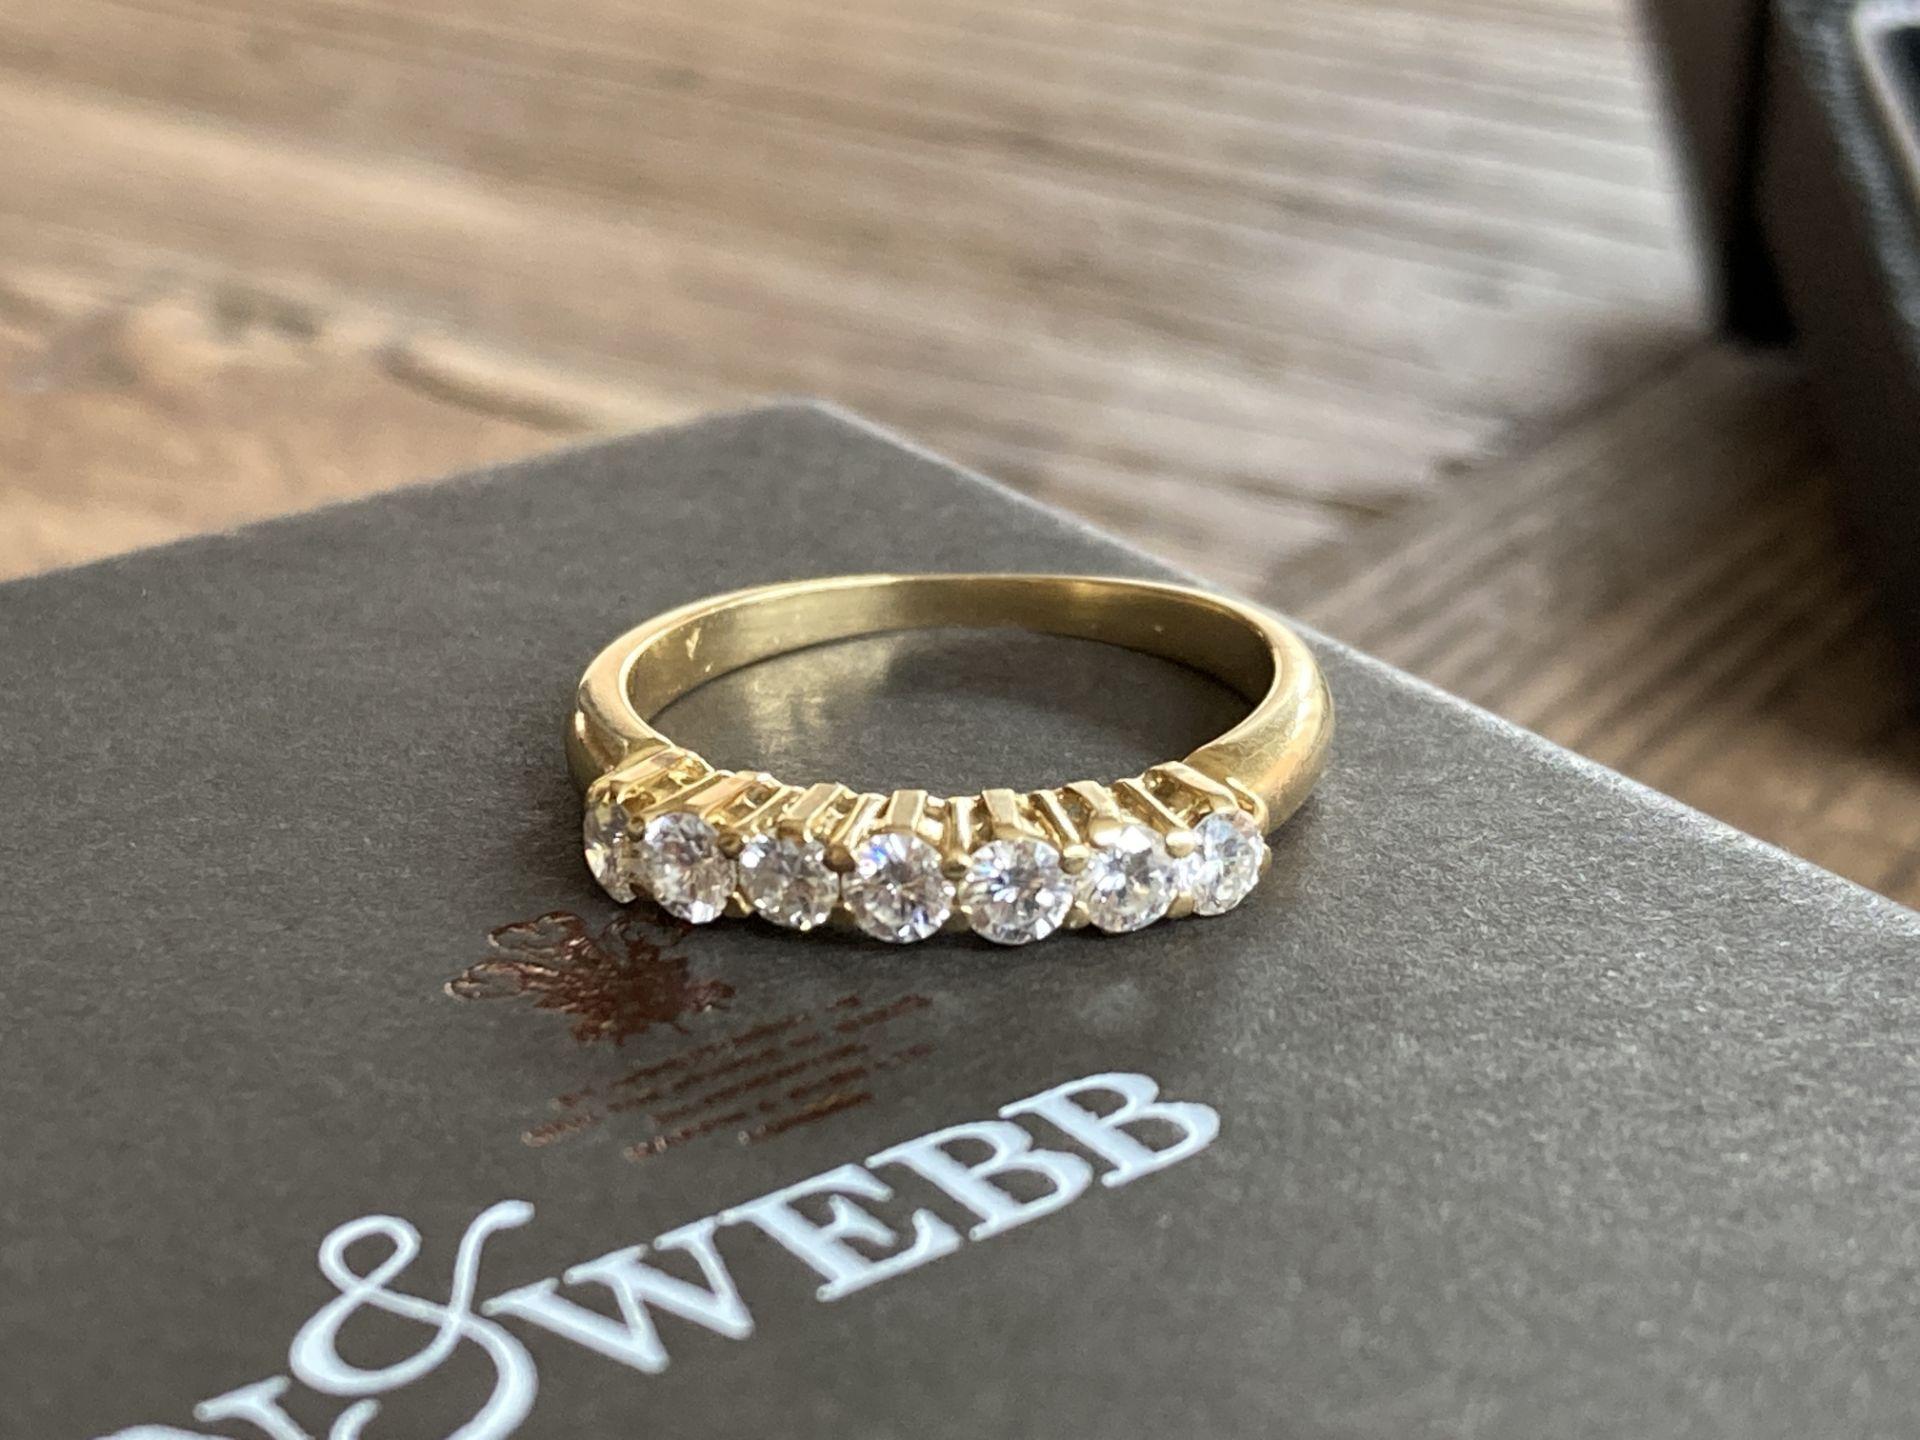 0.5CT DIAMOND RING IN 18K GOLD